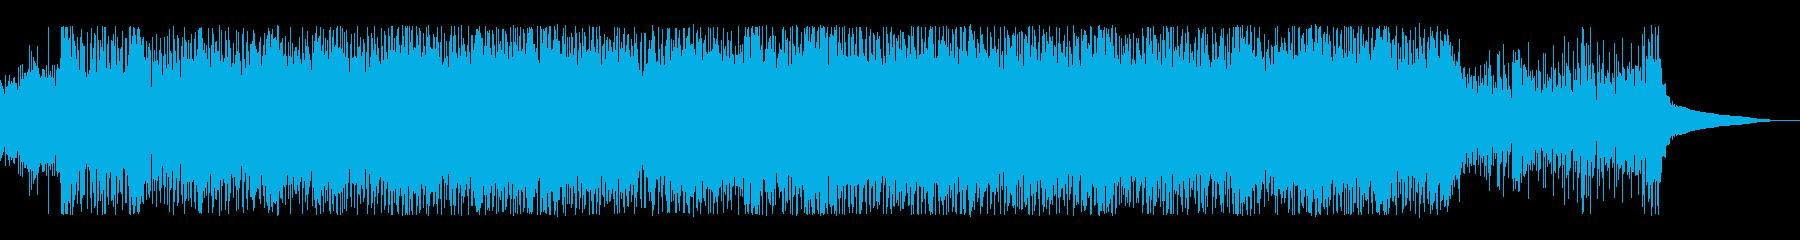 キラキラしたギターアンビエントの再生済みの波形